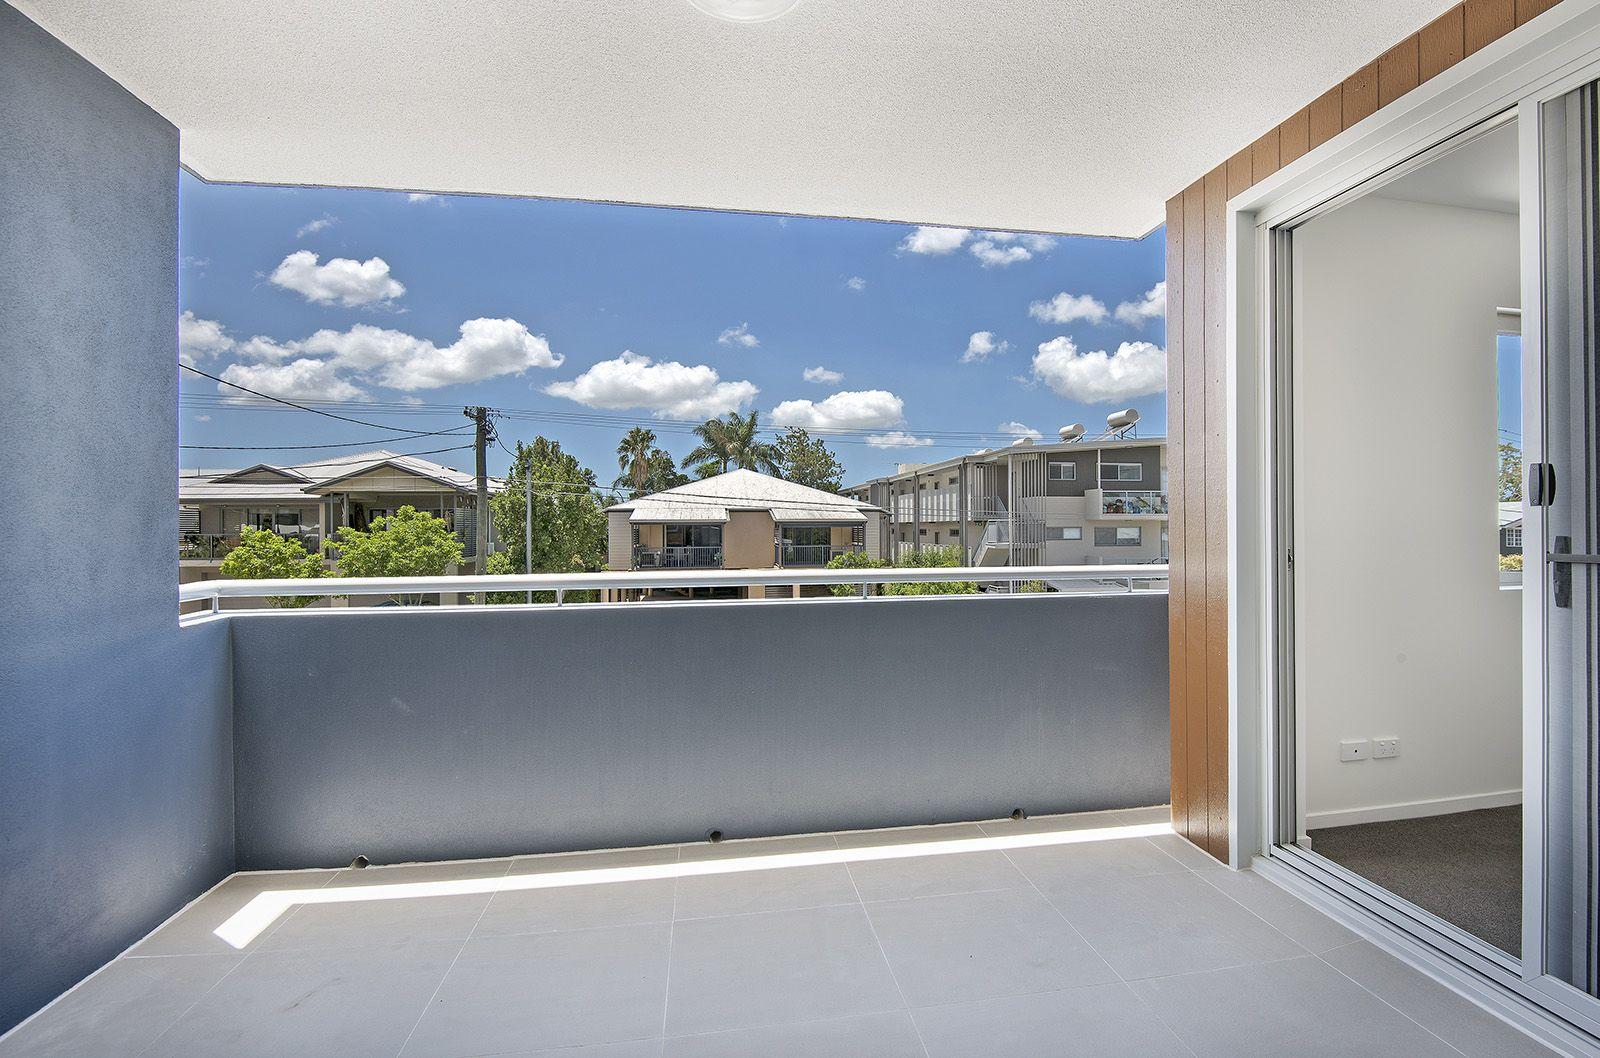 3/55 Kates Street, Morningside QLD 4170, Image 1